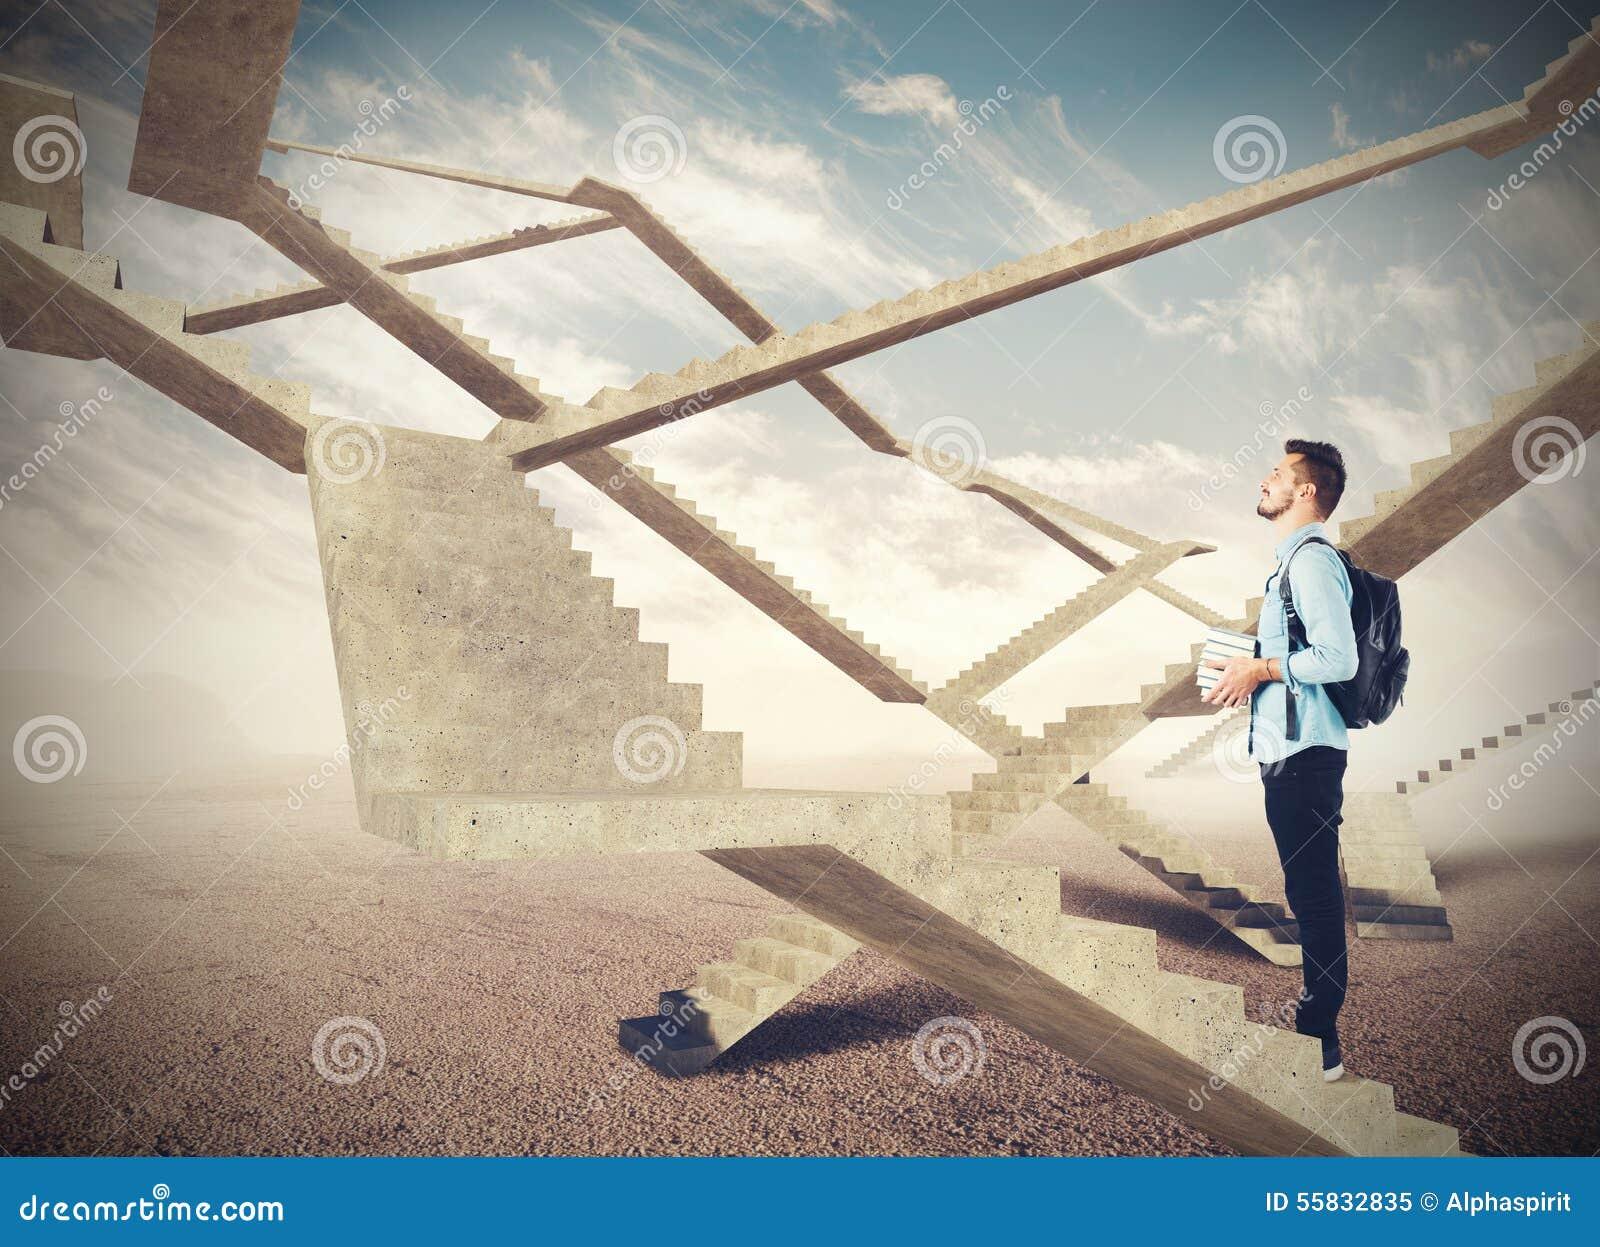 Escadas infinitas do futuro